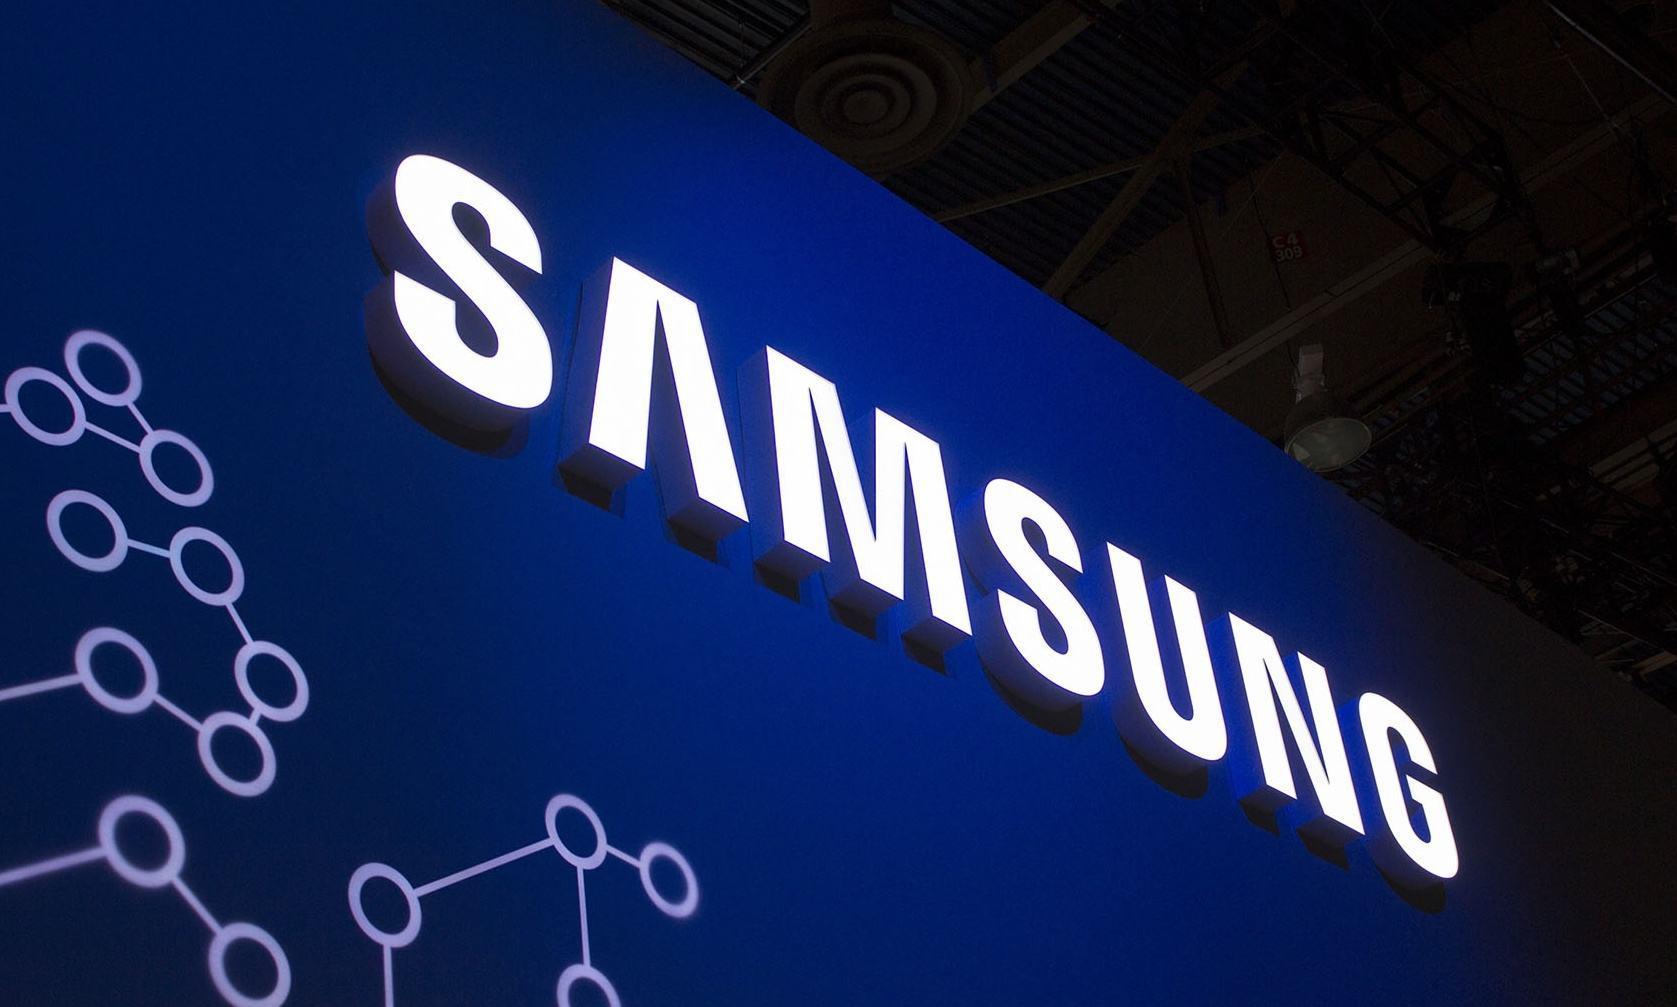 三星电子品牌价值突破600亿美元:全球排名第六、亚洲第一